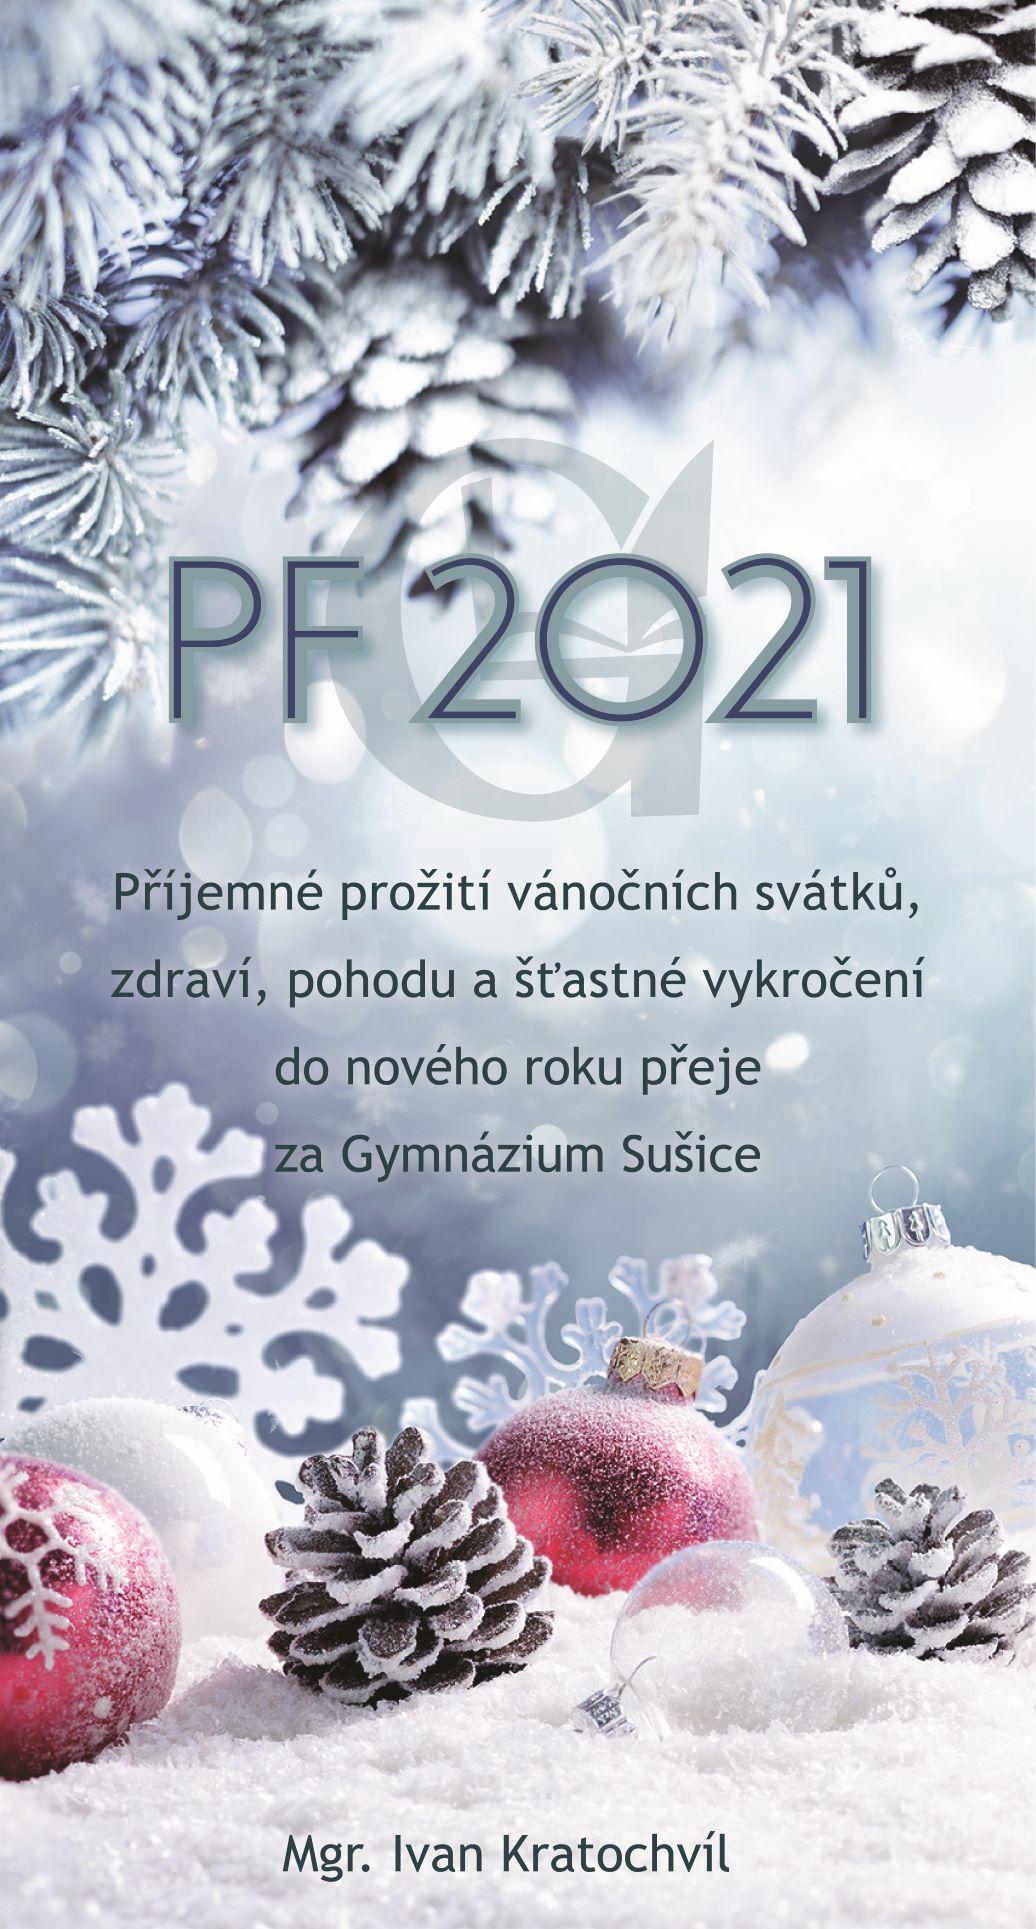 PF_2021.jpg